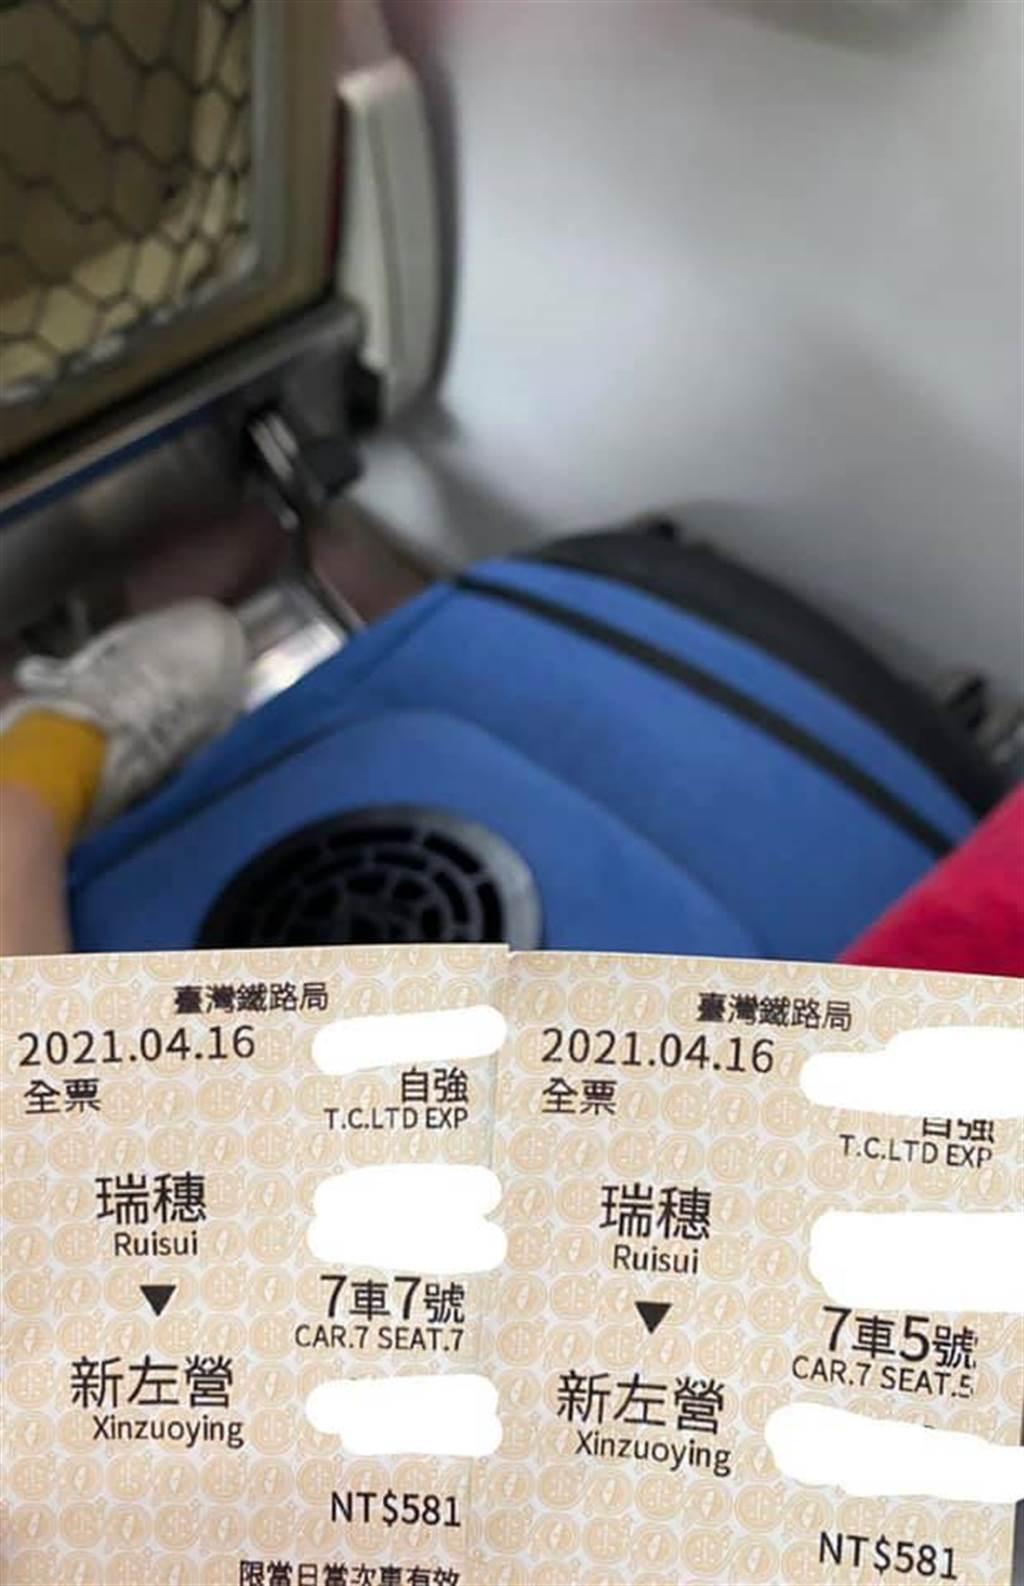 原PO搭台鐵買了兩張成人票,以放置隨身物品,卻遭站票的乘客緊盯。(圖/翻攝自爆廢1公社)